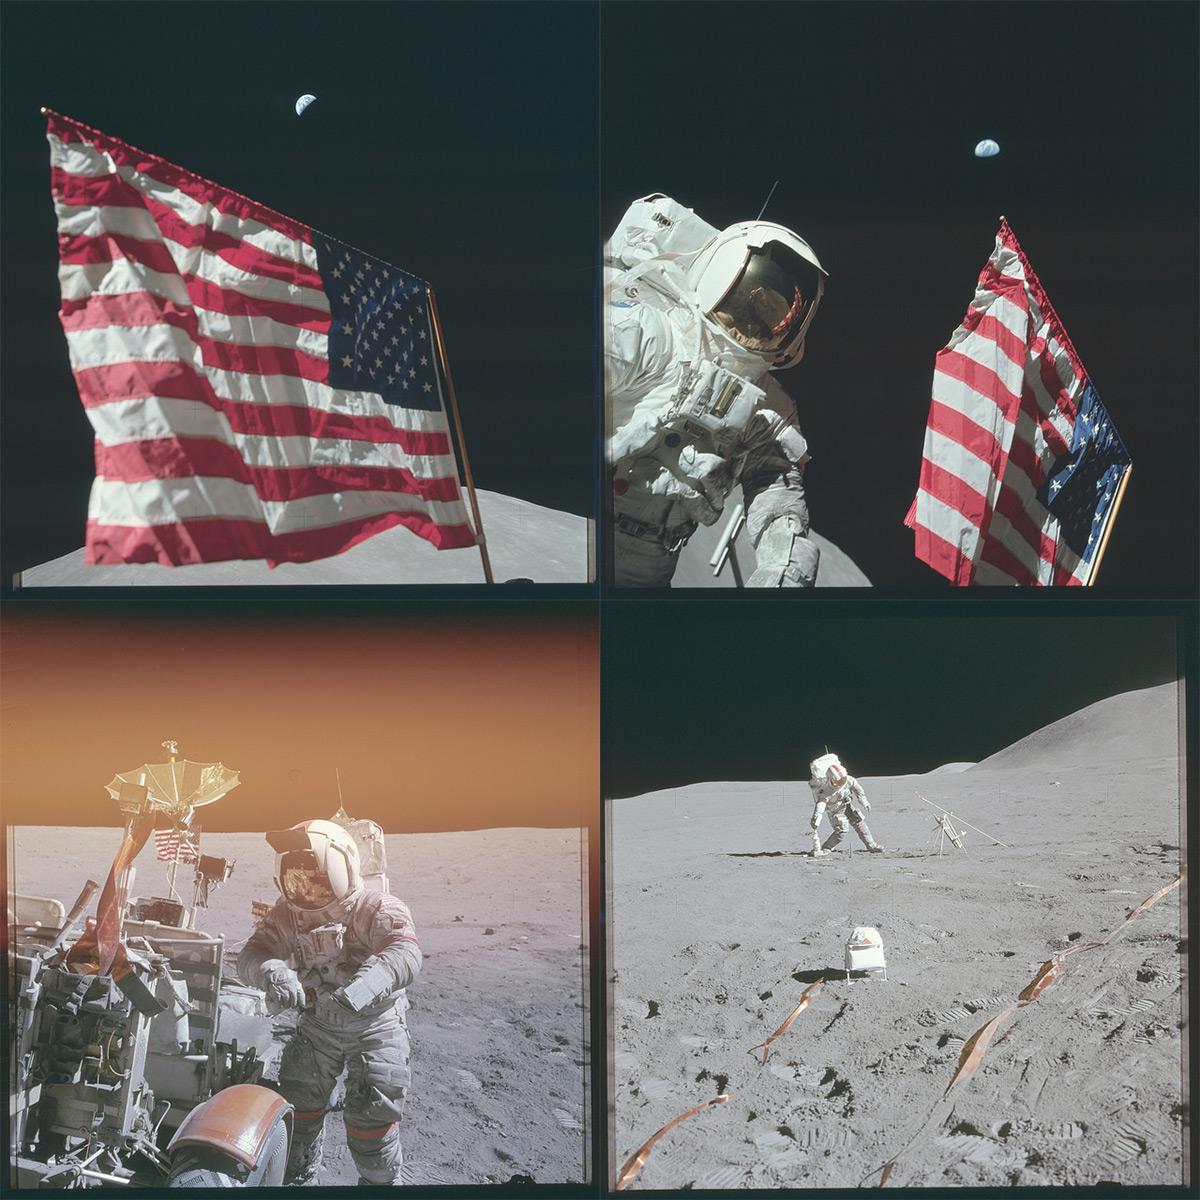 НАСА, Аполлон, лунная миссия, редкие фотографии-11